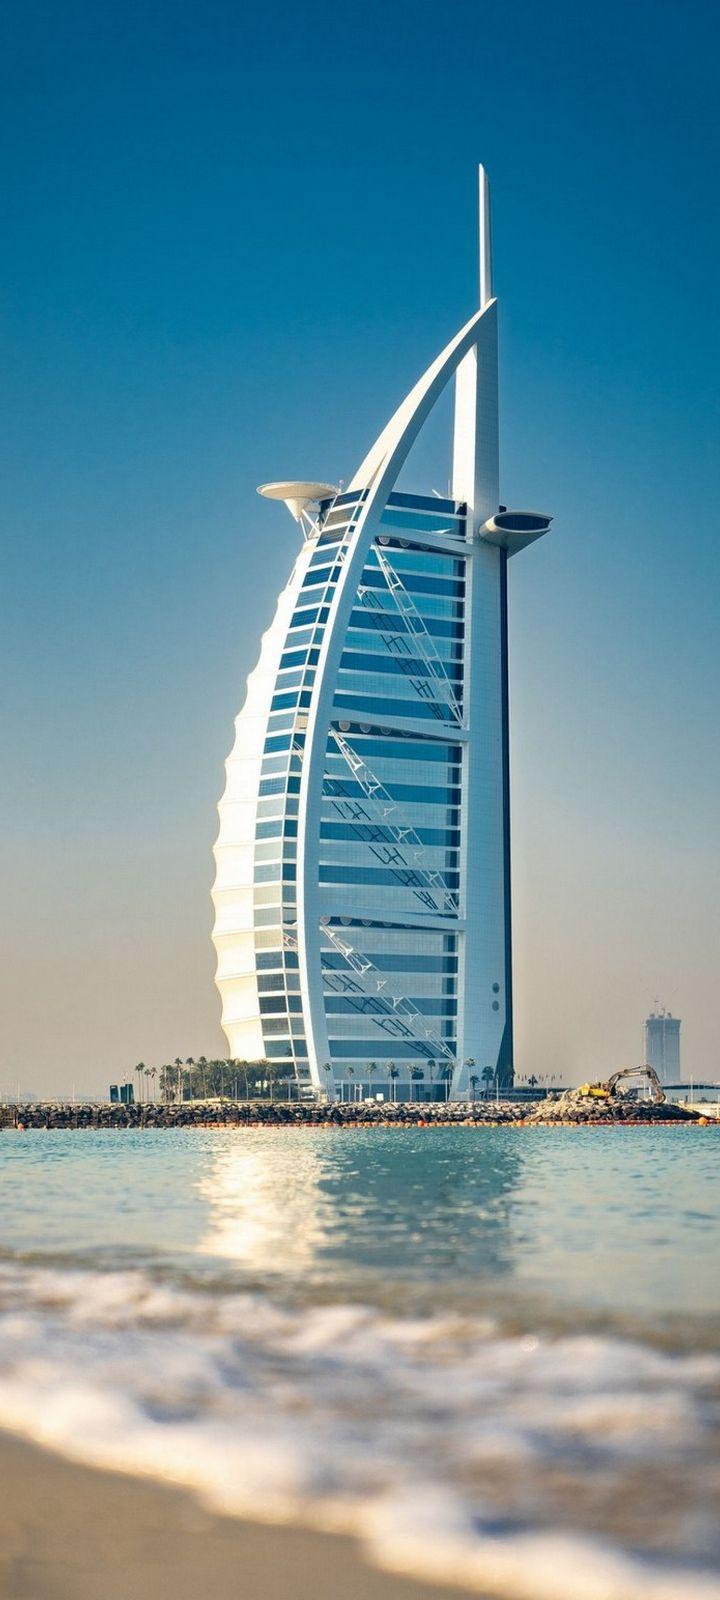 Architecture Building Burj Al Arab Wallpaper 720x1600